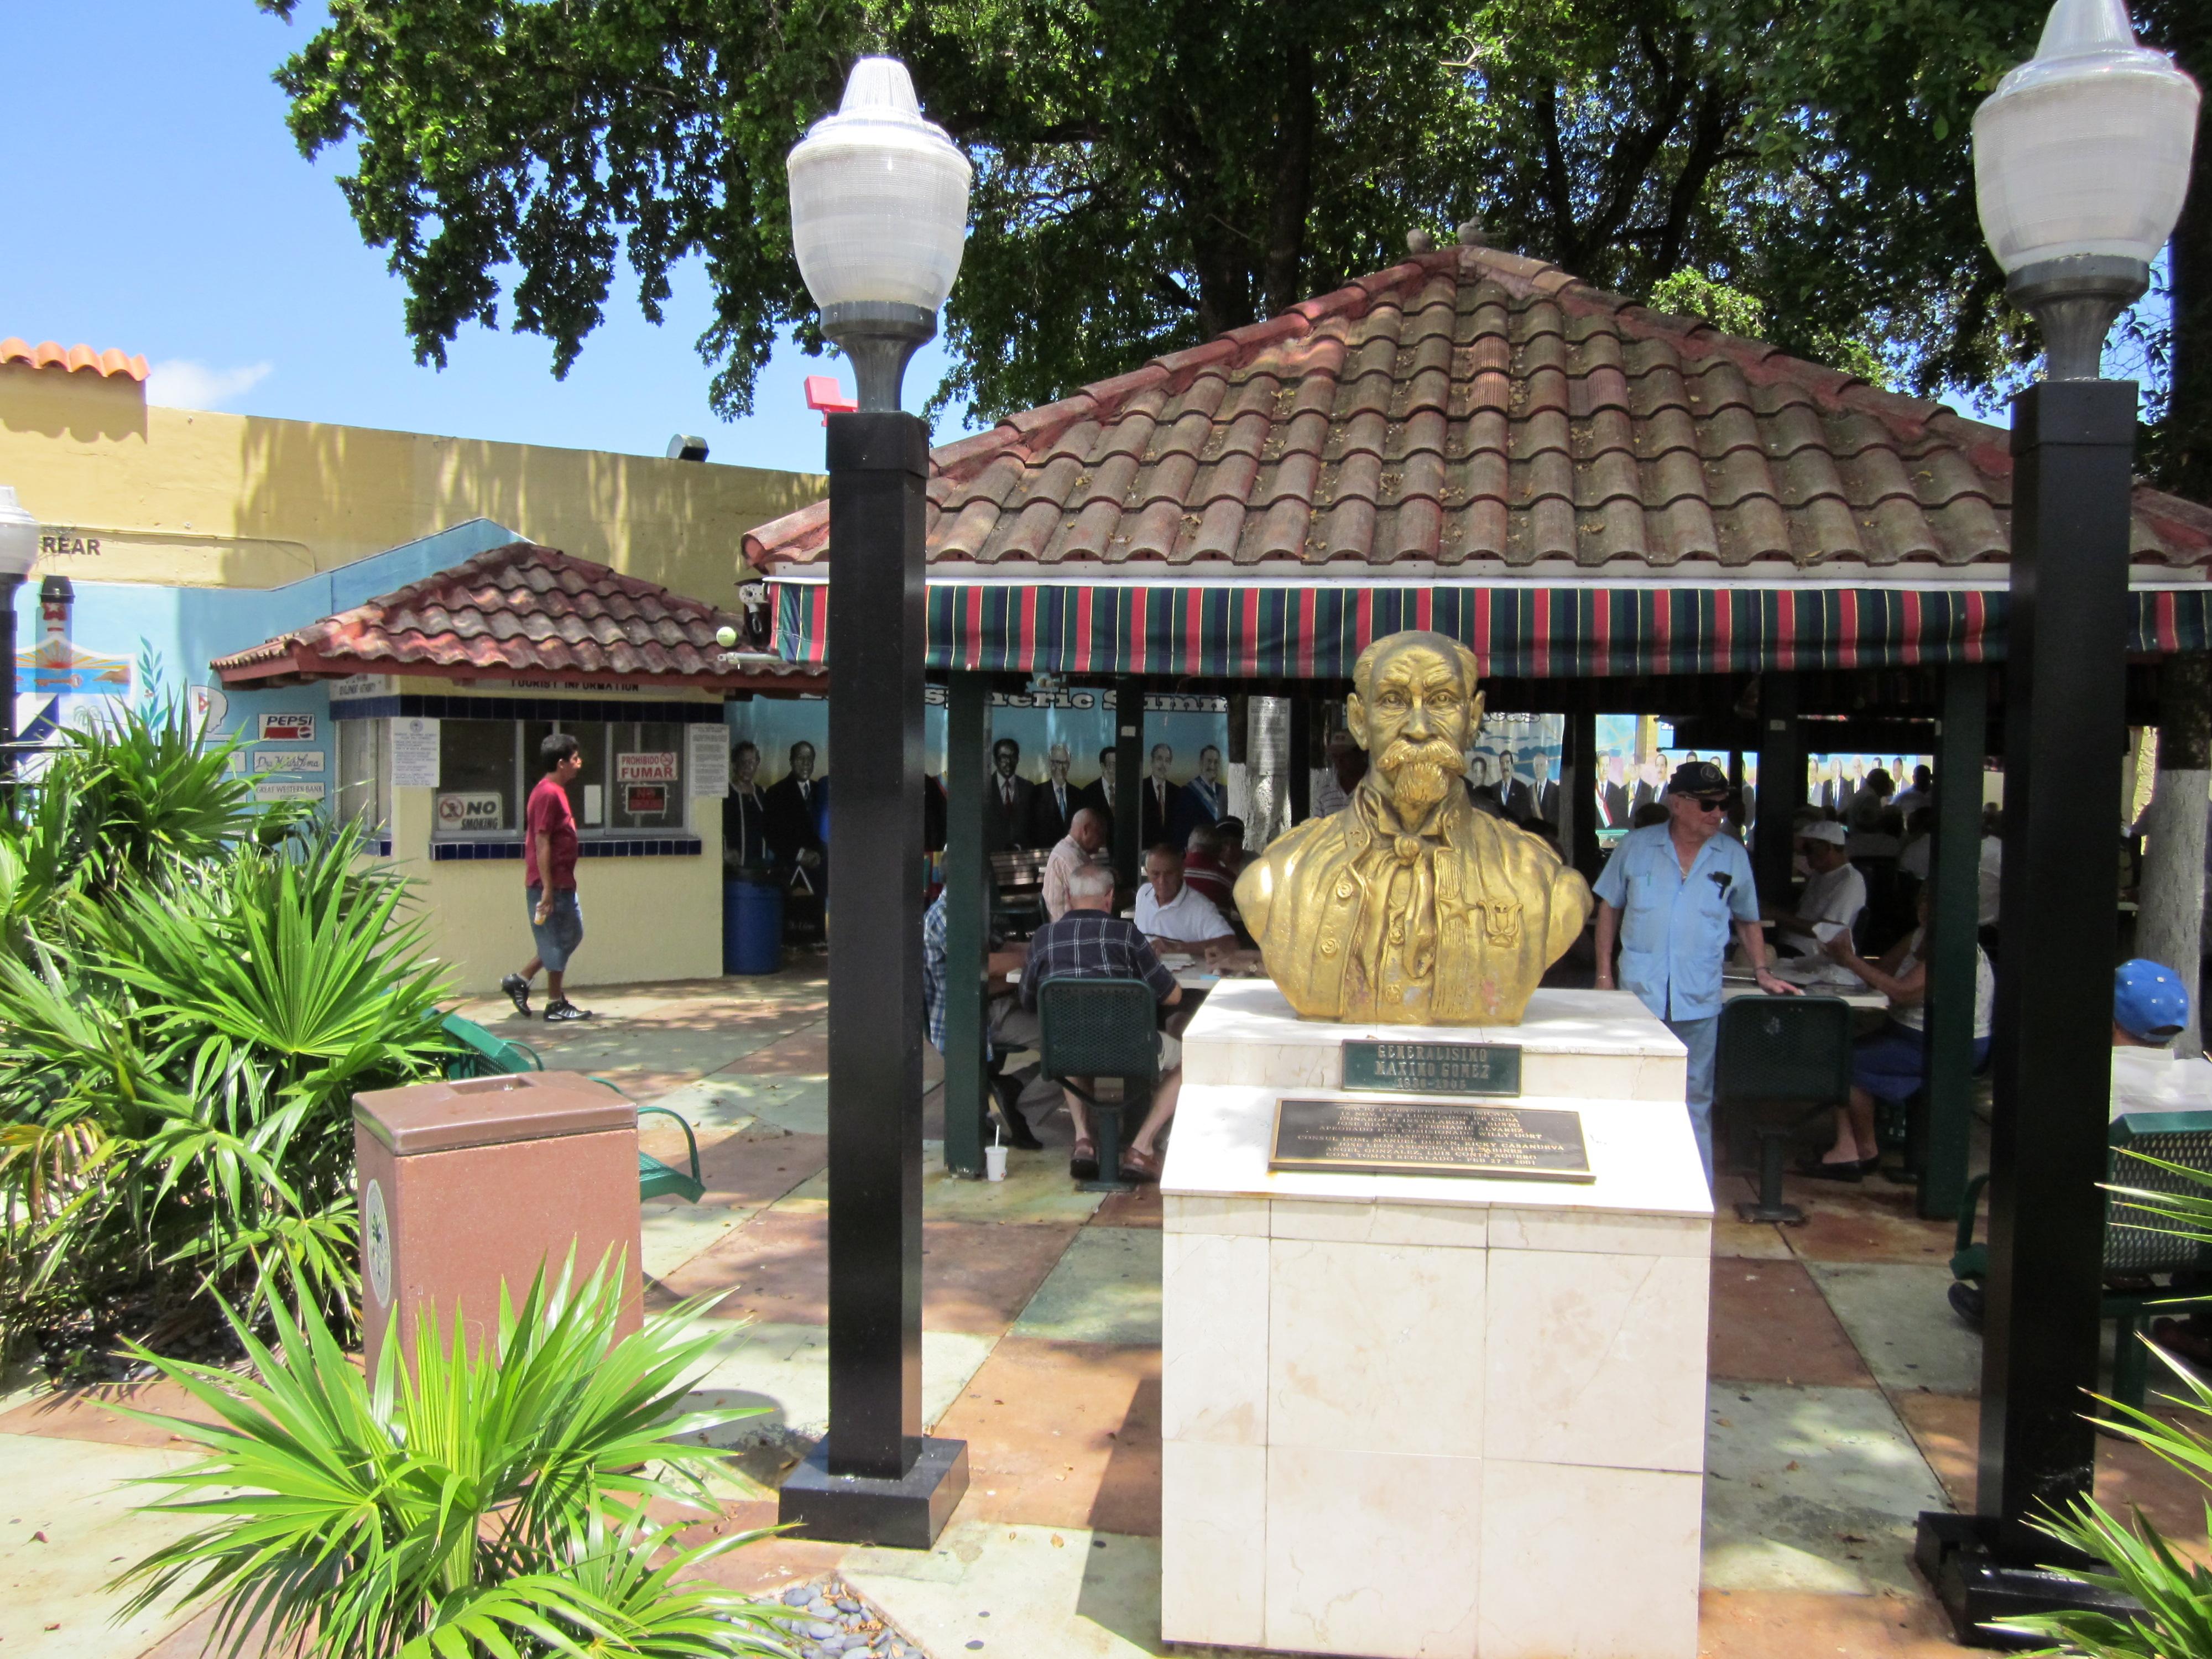 Little Havana's famous Domino Park on Calle Ocho